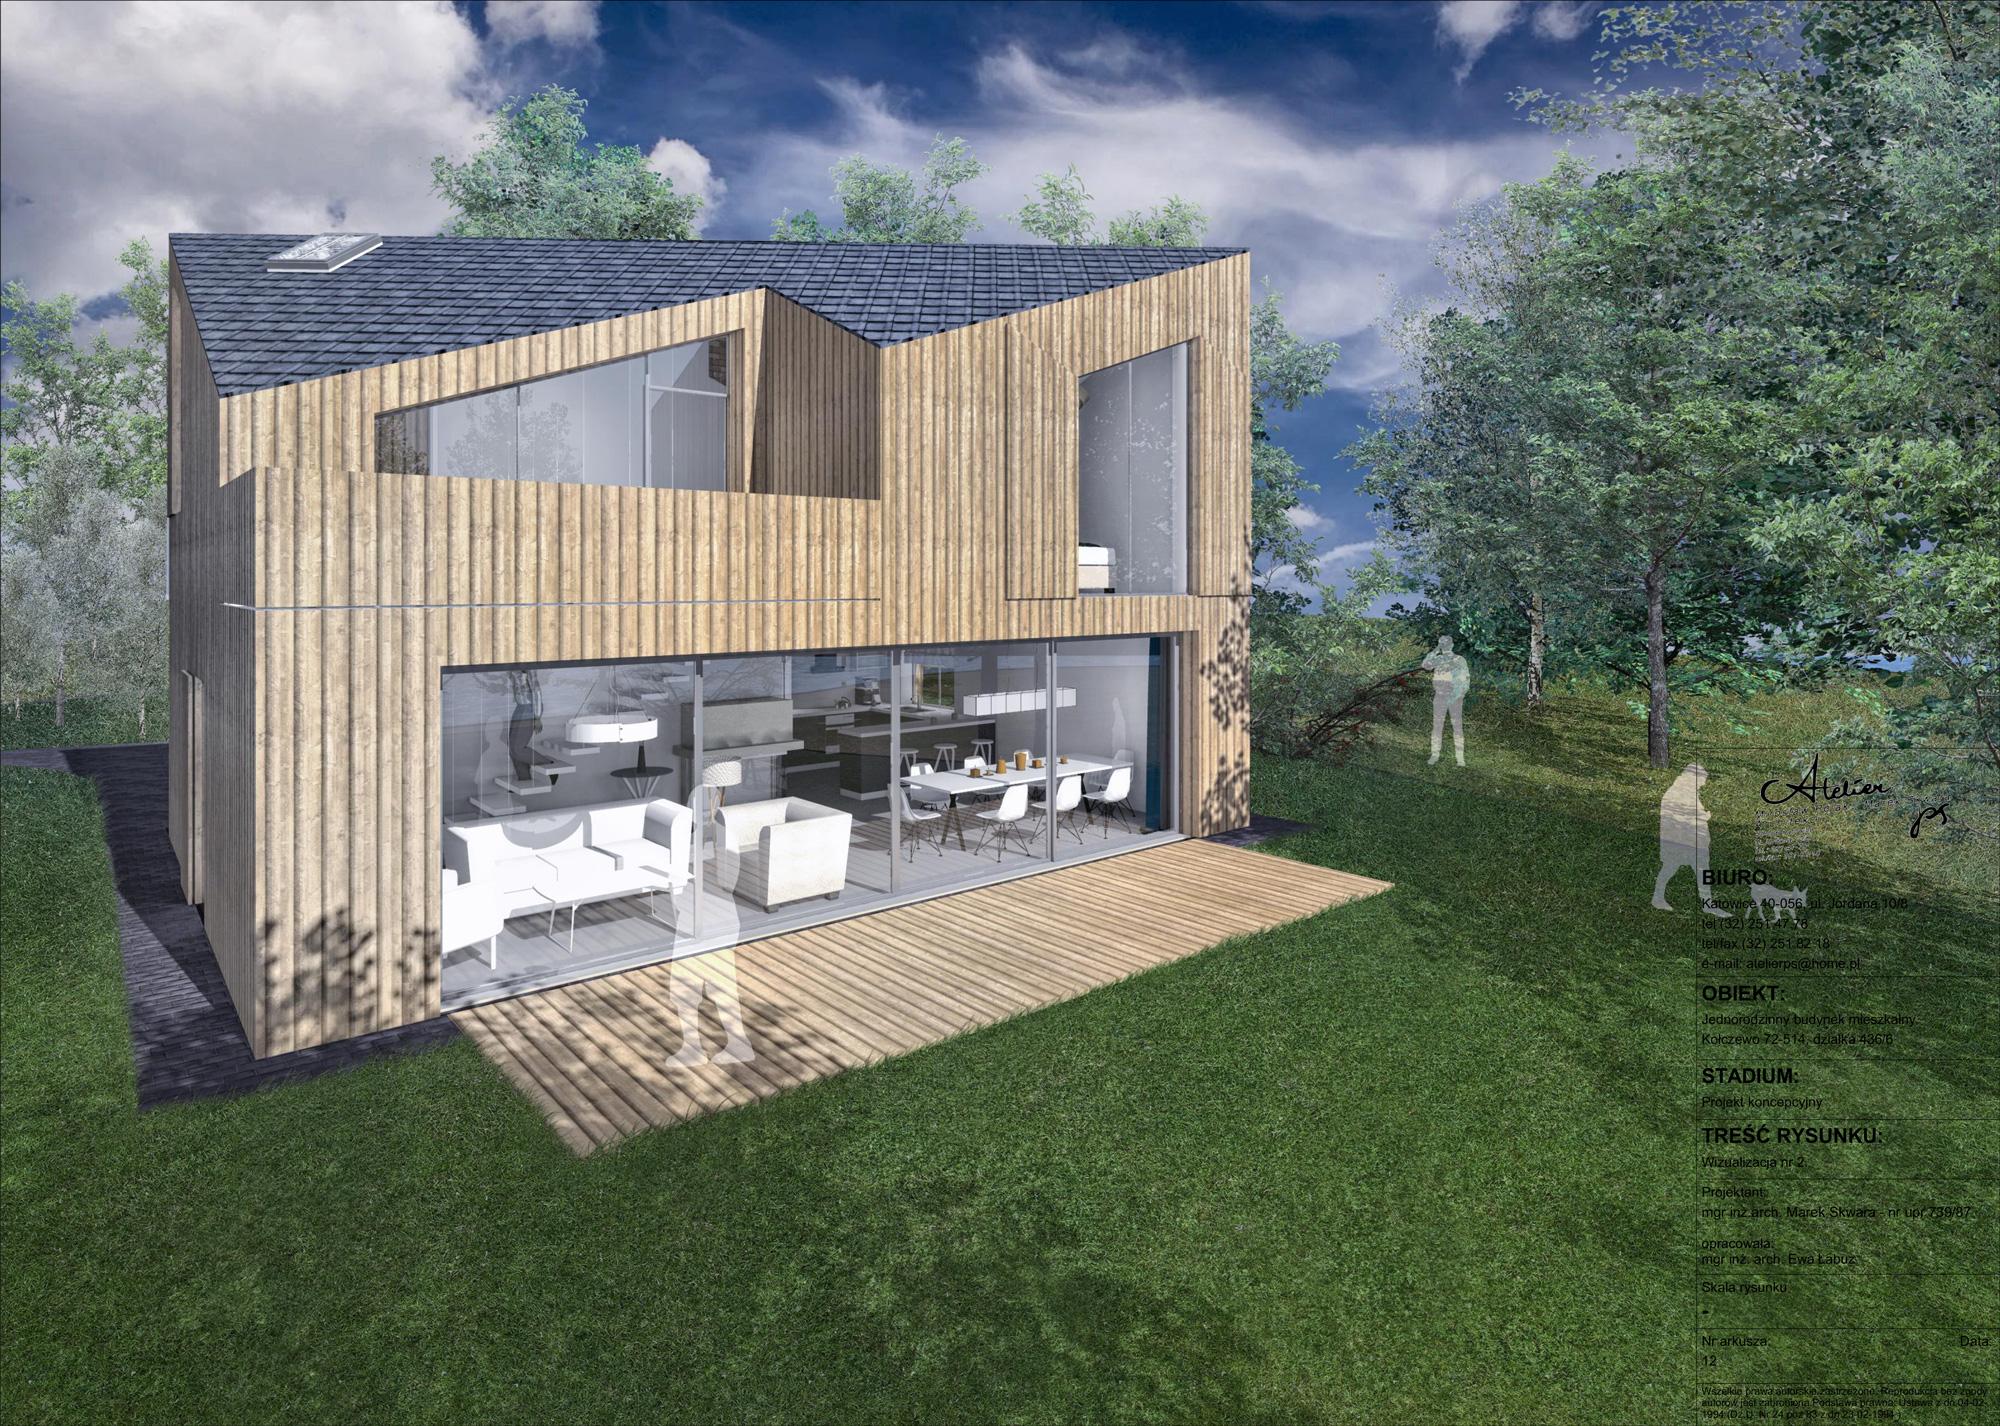 dom weekendowy, otwarcie od ogrodu, w srodku lasu, atelierps